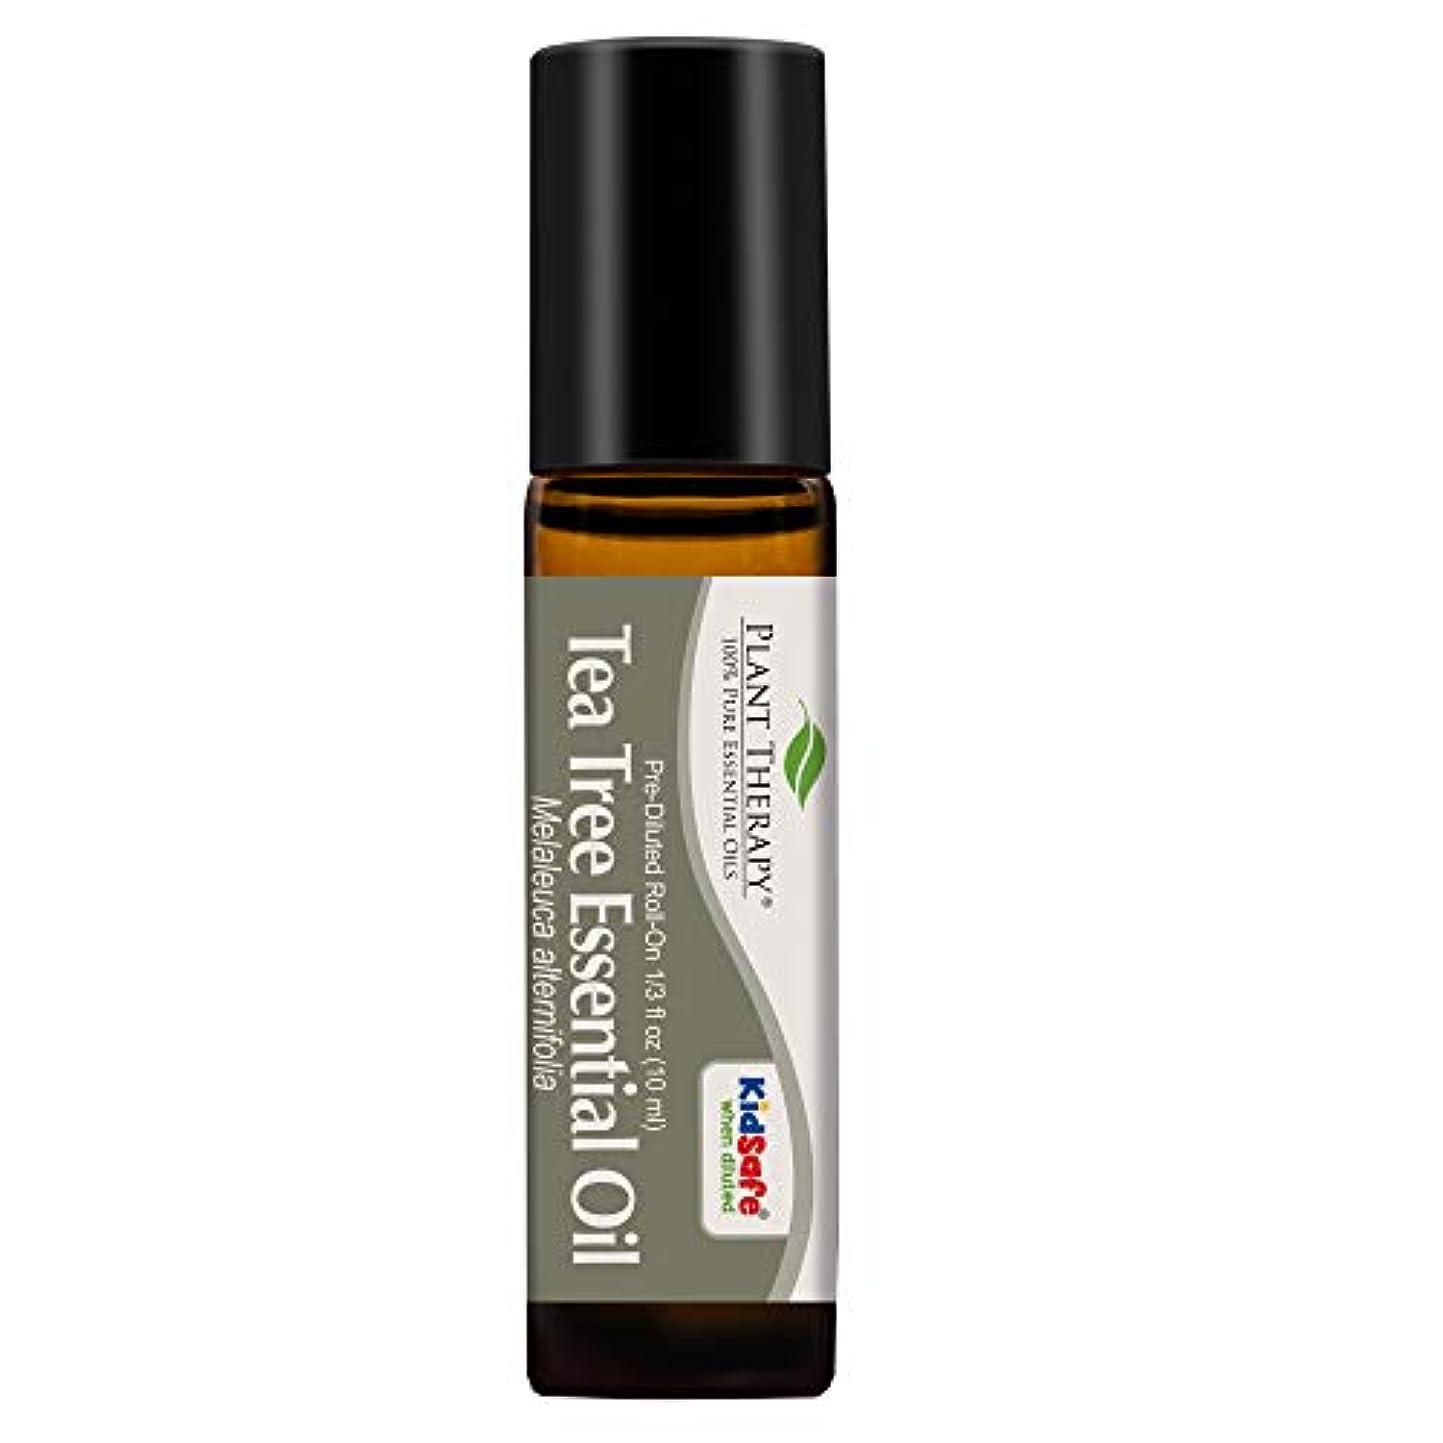 ファイナンスとんでもない珍味Plant Therapy Tea Tree Pre-Diluted Roll-On 10 ml (1/3 fl oz) 100% Pure, Therapeutic Grade